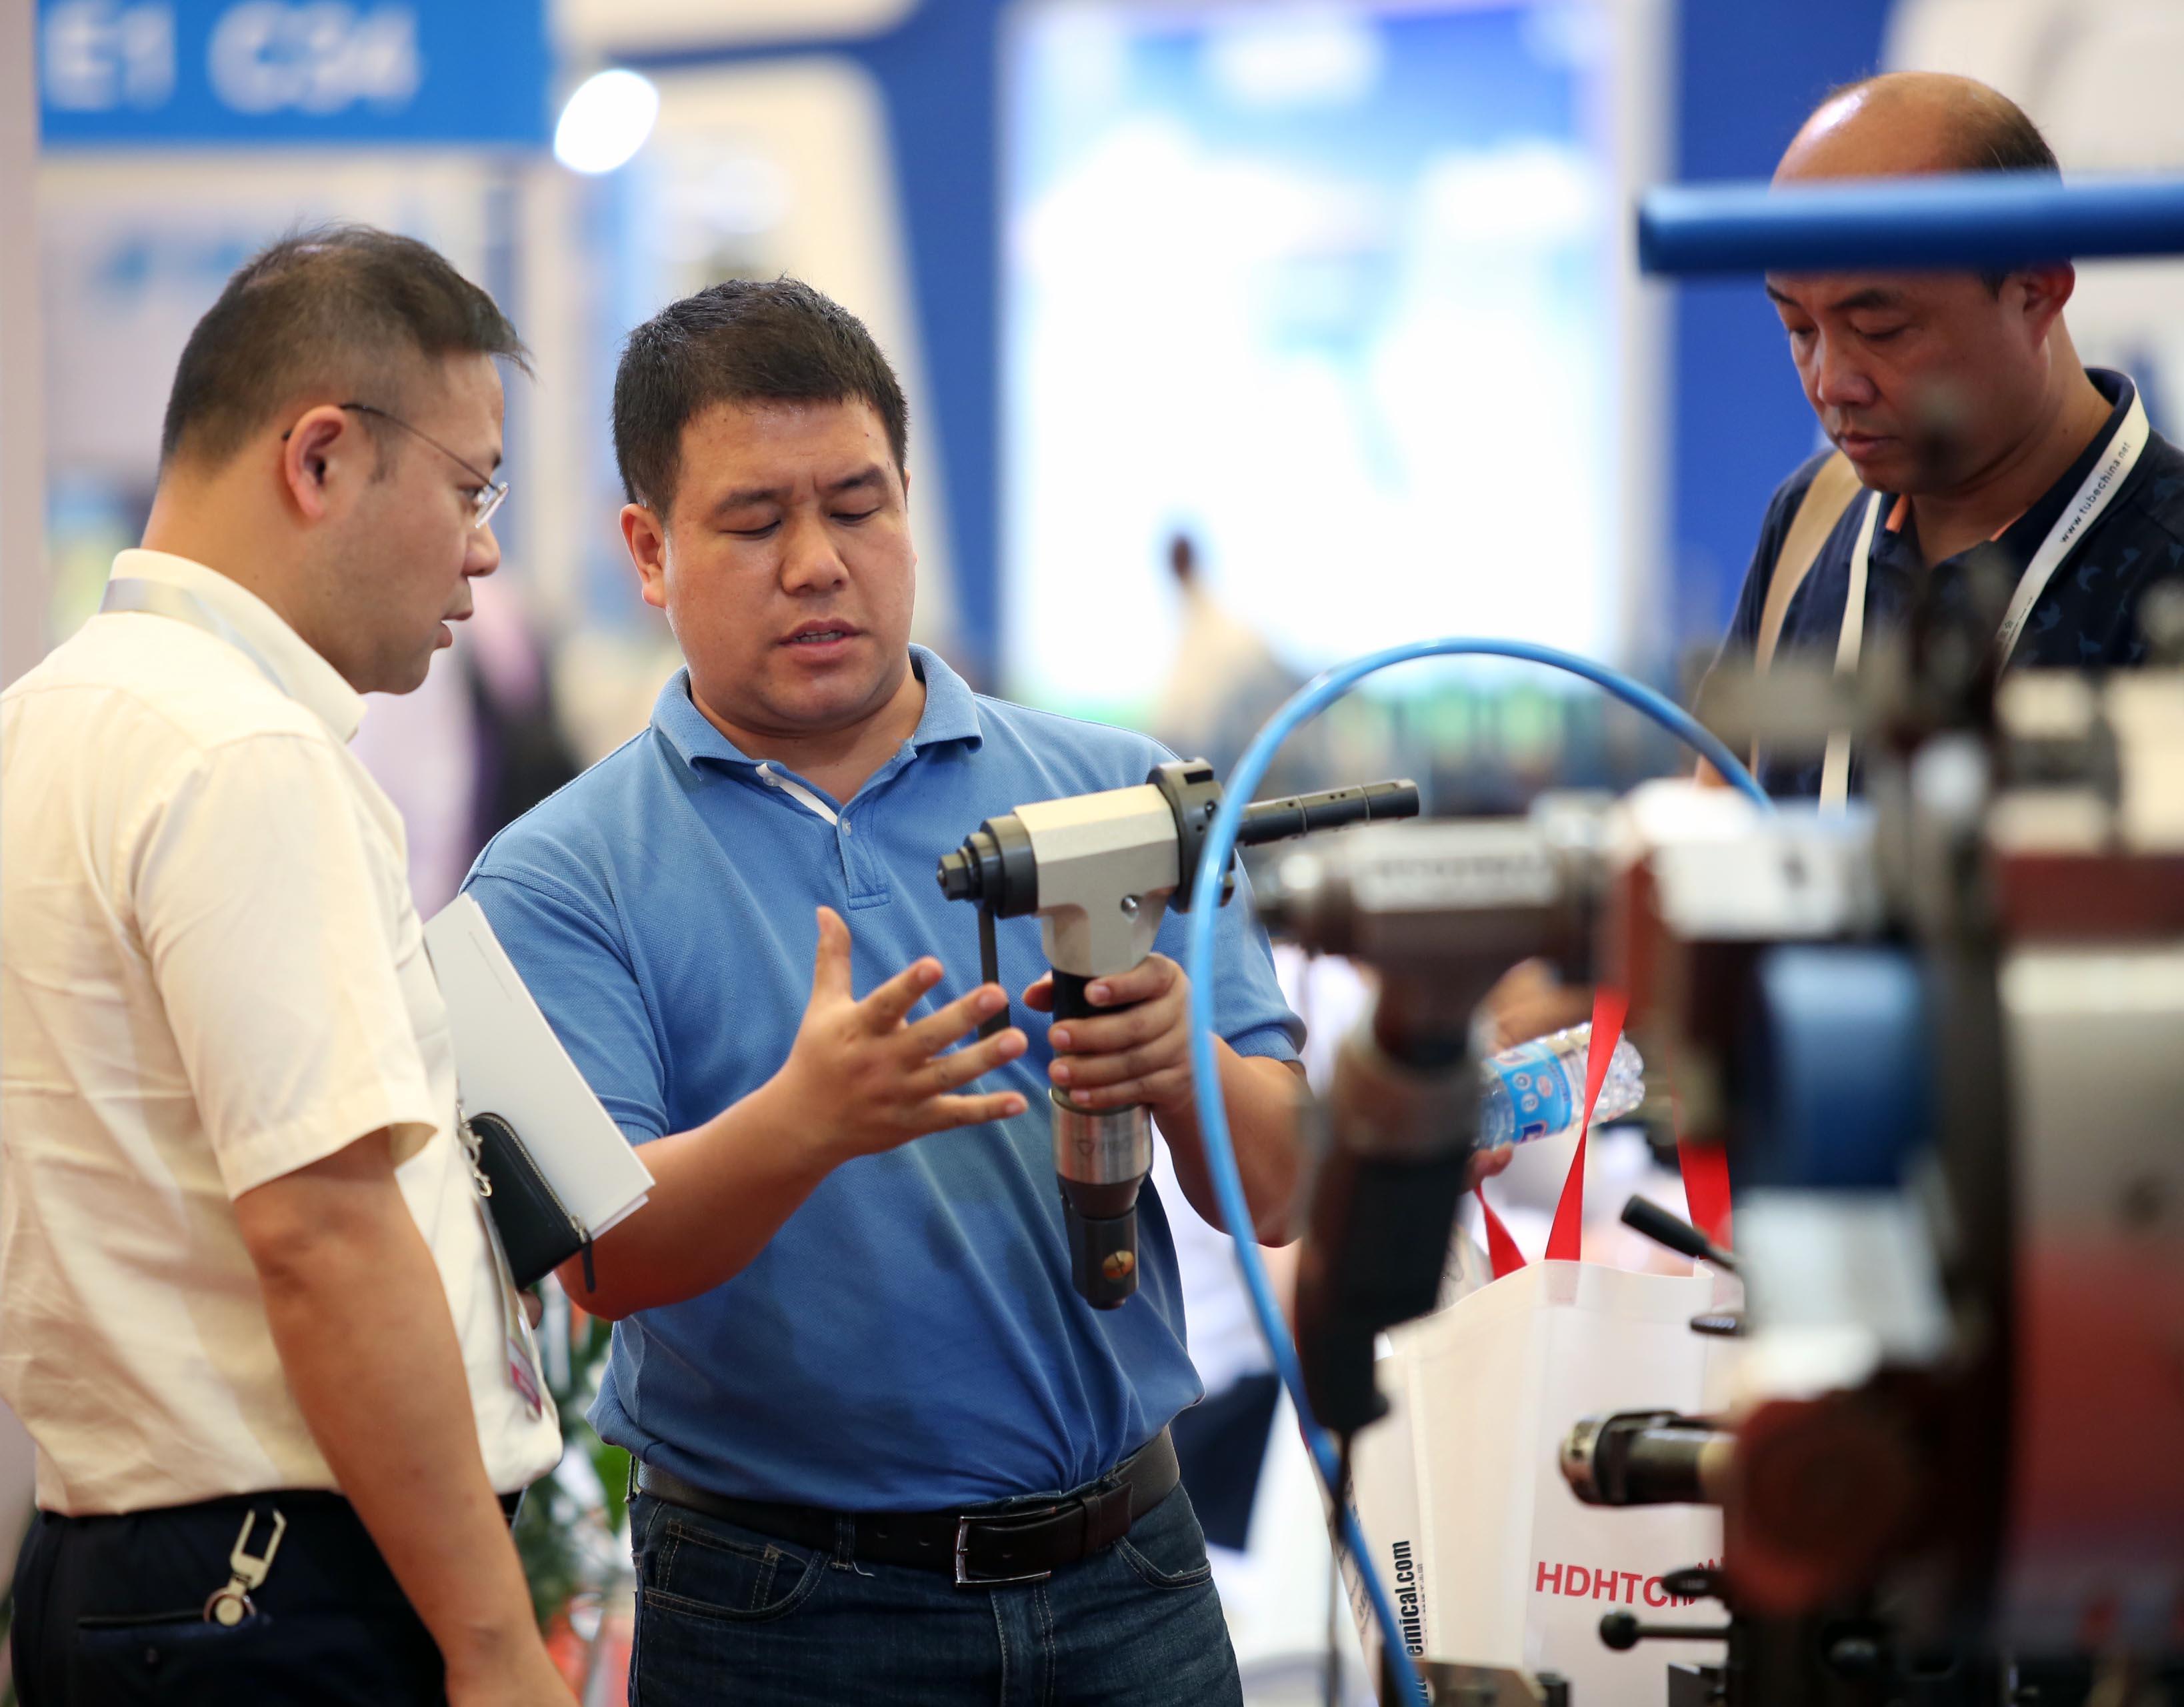 มหกรรม wire & Tube China 2018 เตรียมเปิดฉากอีกครั้งที่เซี่ยงไฮ้ในฐานะประตูสู่ตลาดจีน